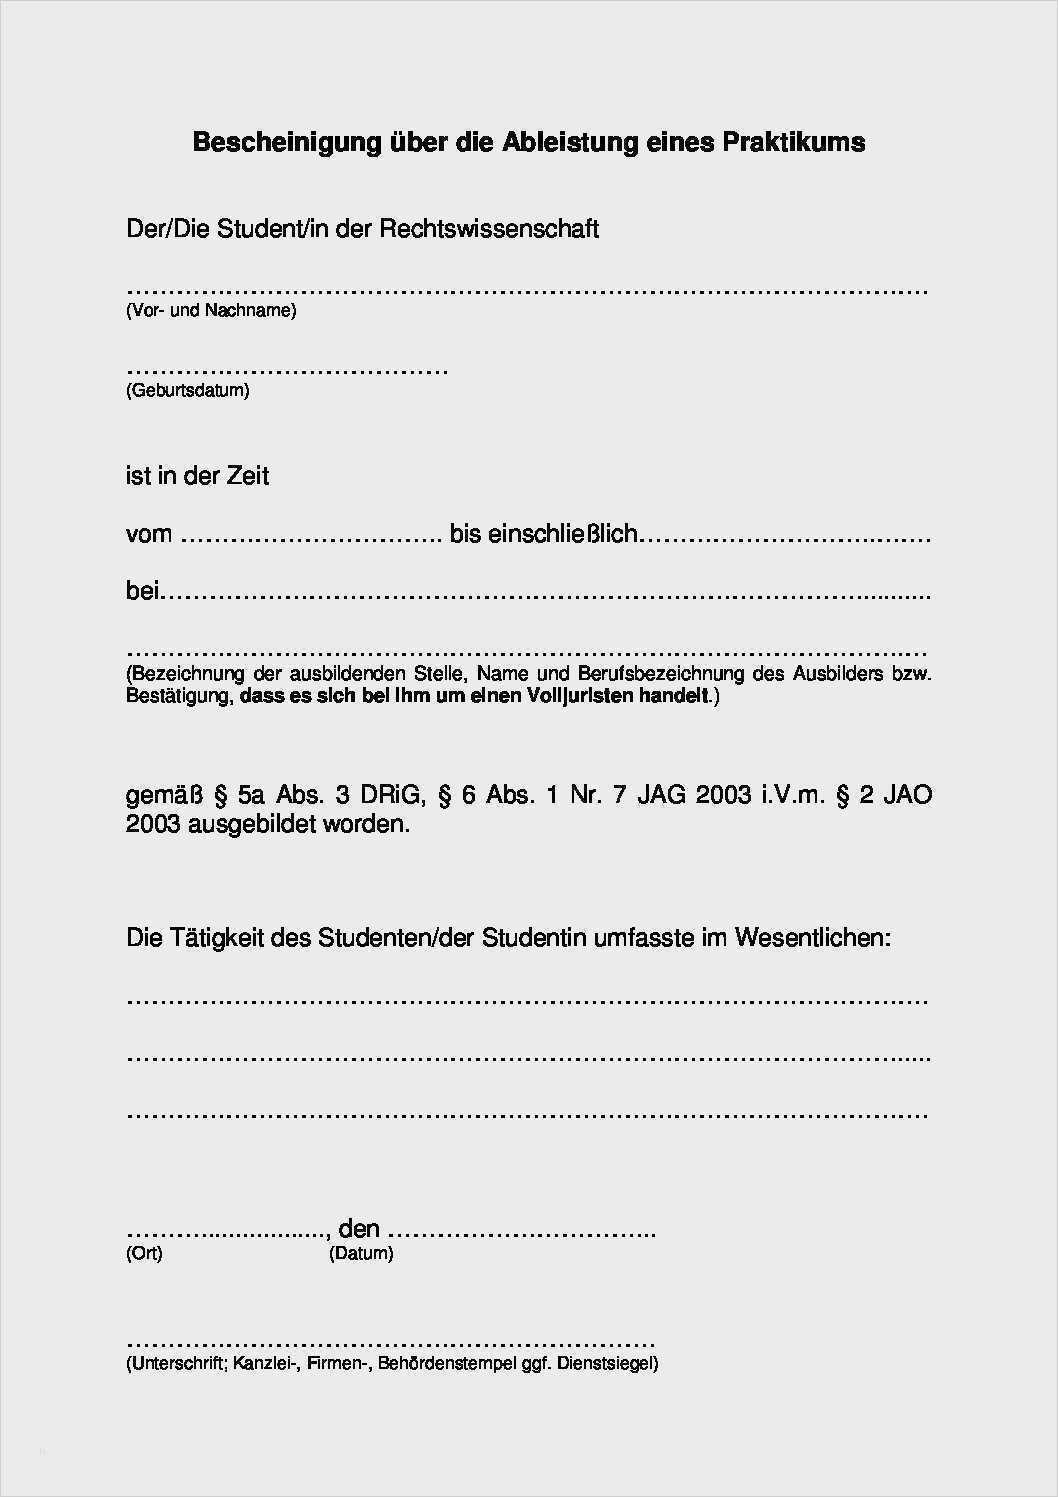 Wunderbar Praktikumsbescheinigung Schulerpraktikum Vorlage Sie Konnen Adaptieren Fur Ihre Wic Bescheinigung Vorlagen Schuler